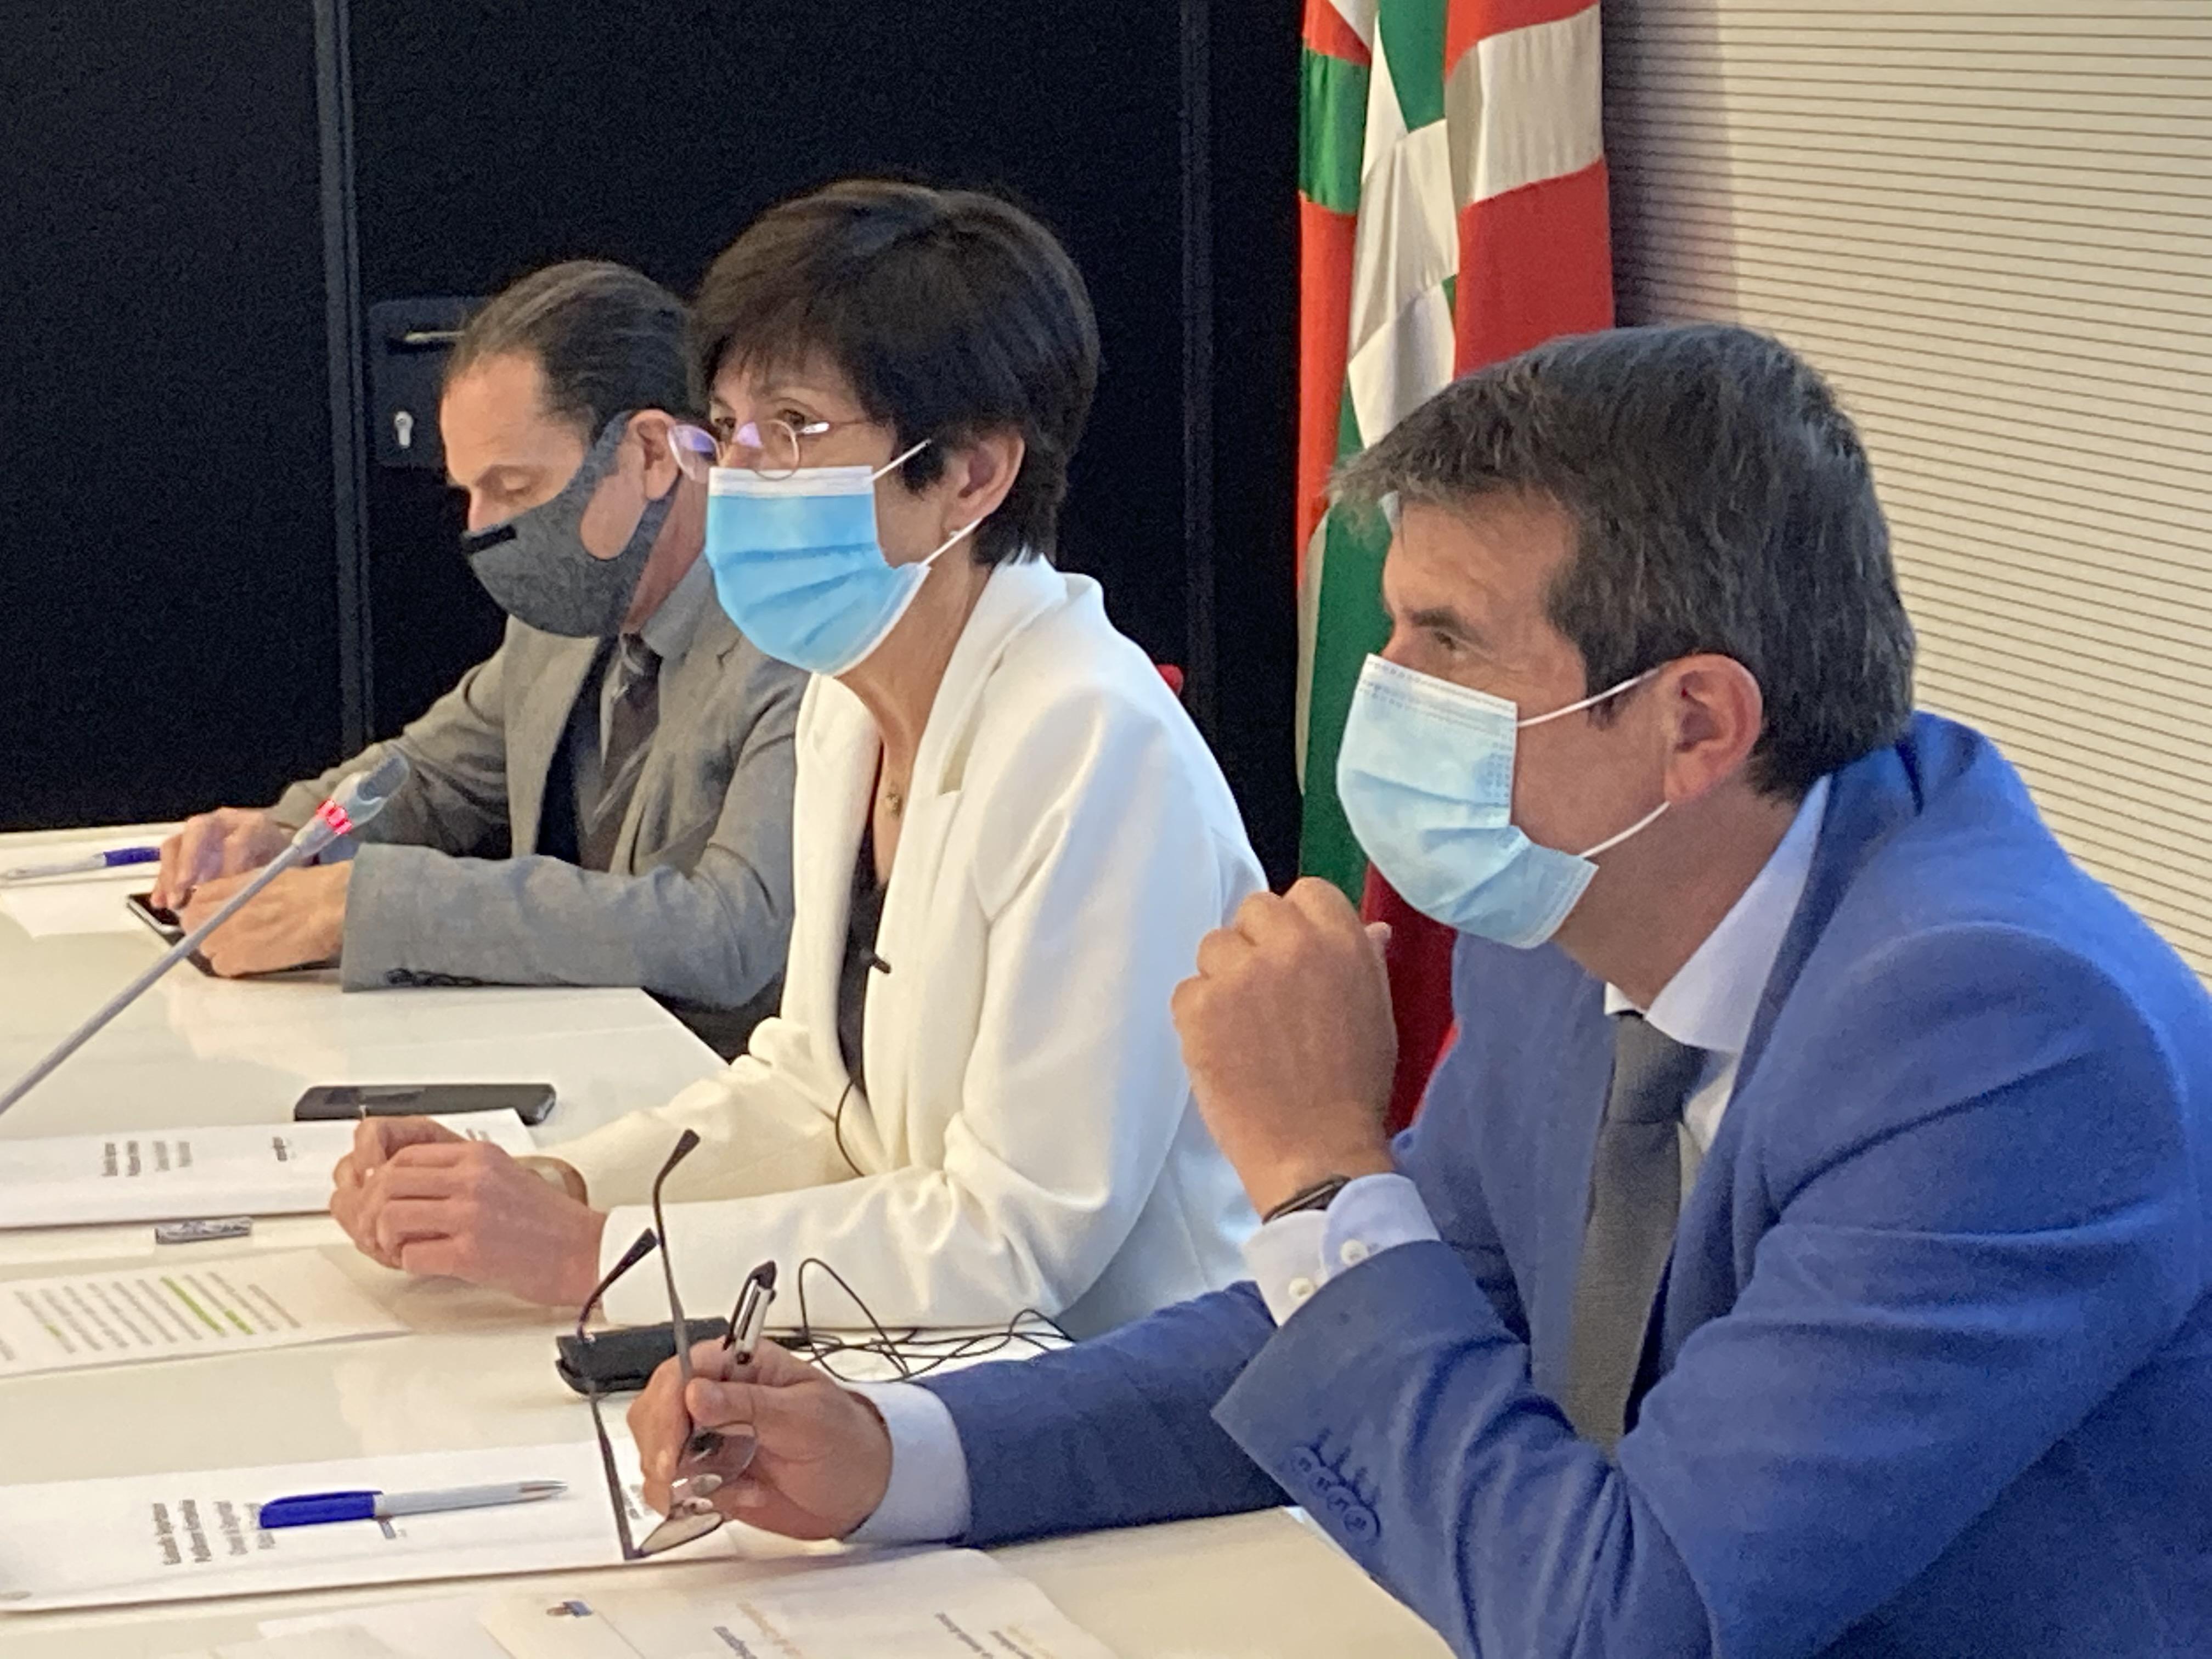 El Consejo de Seguridad Pública de Euskadi celebra su reunión anual para analizar las estadísticas delincuenciales, evaluar y presentar los ejes del nuevo plan [0:00]